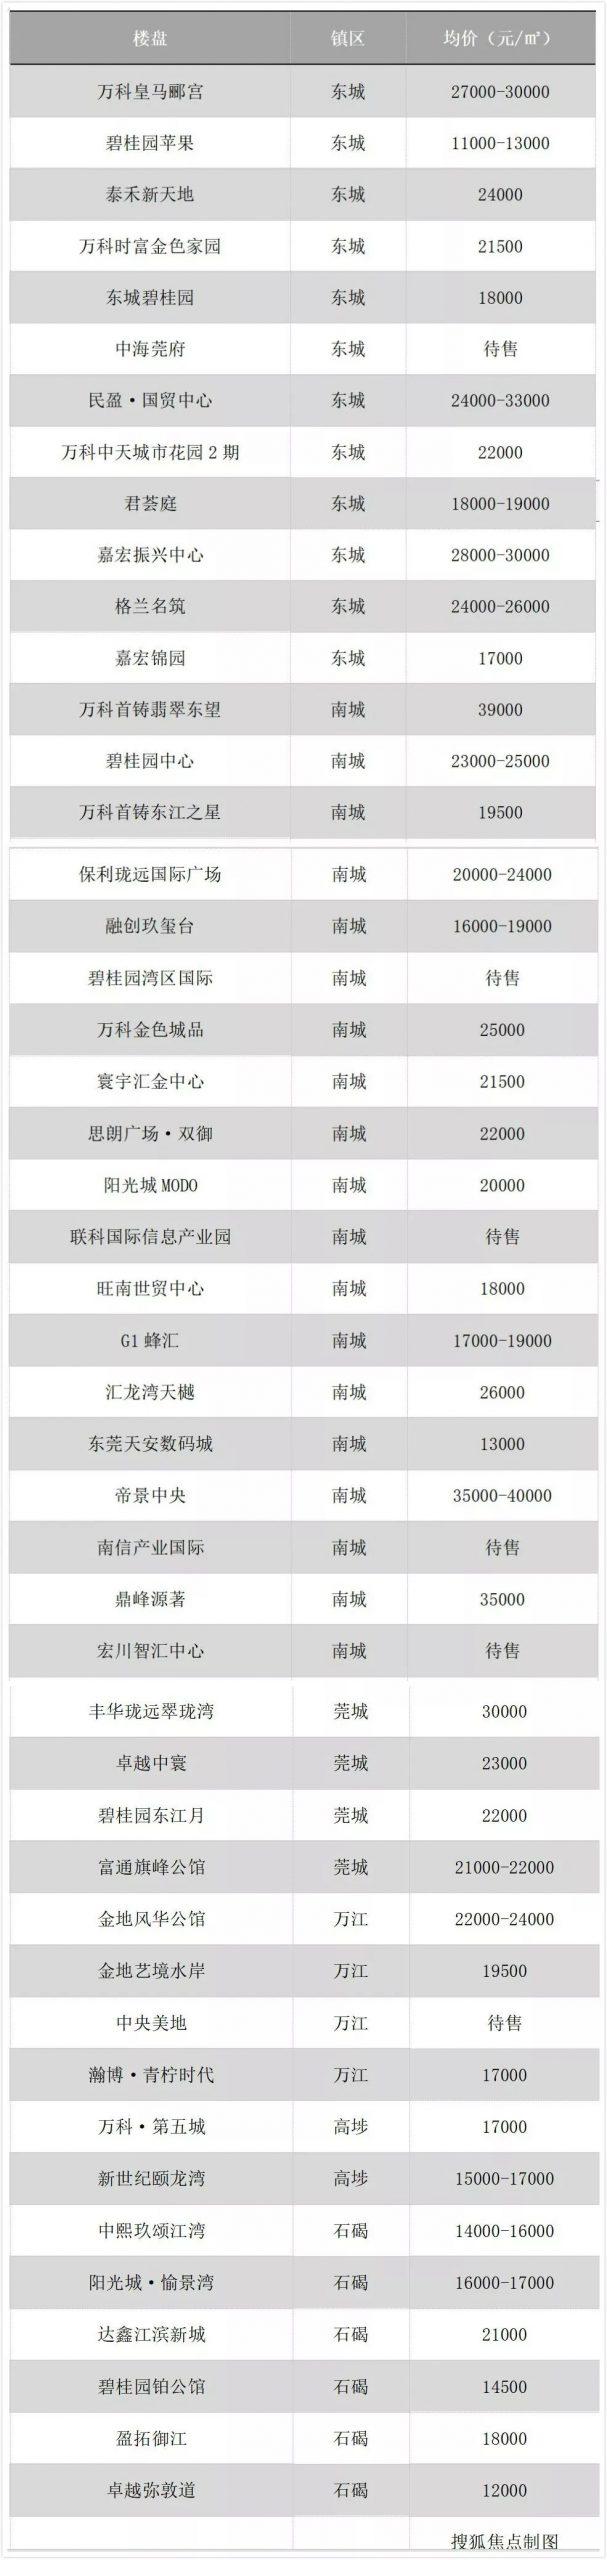 东莞32镇街最新房价!215个在售楼盘价格曝光!最便宜的…